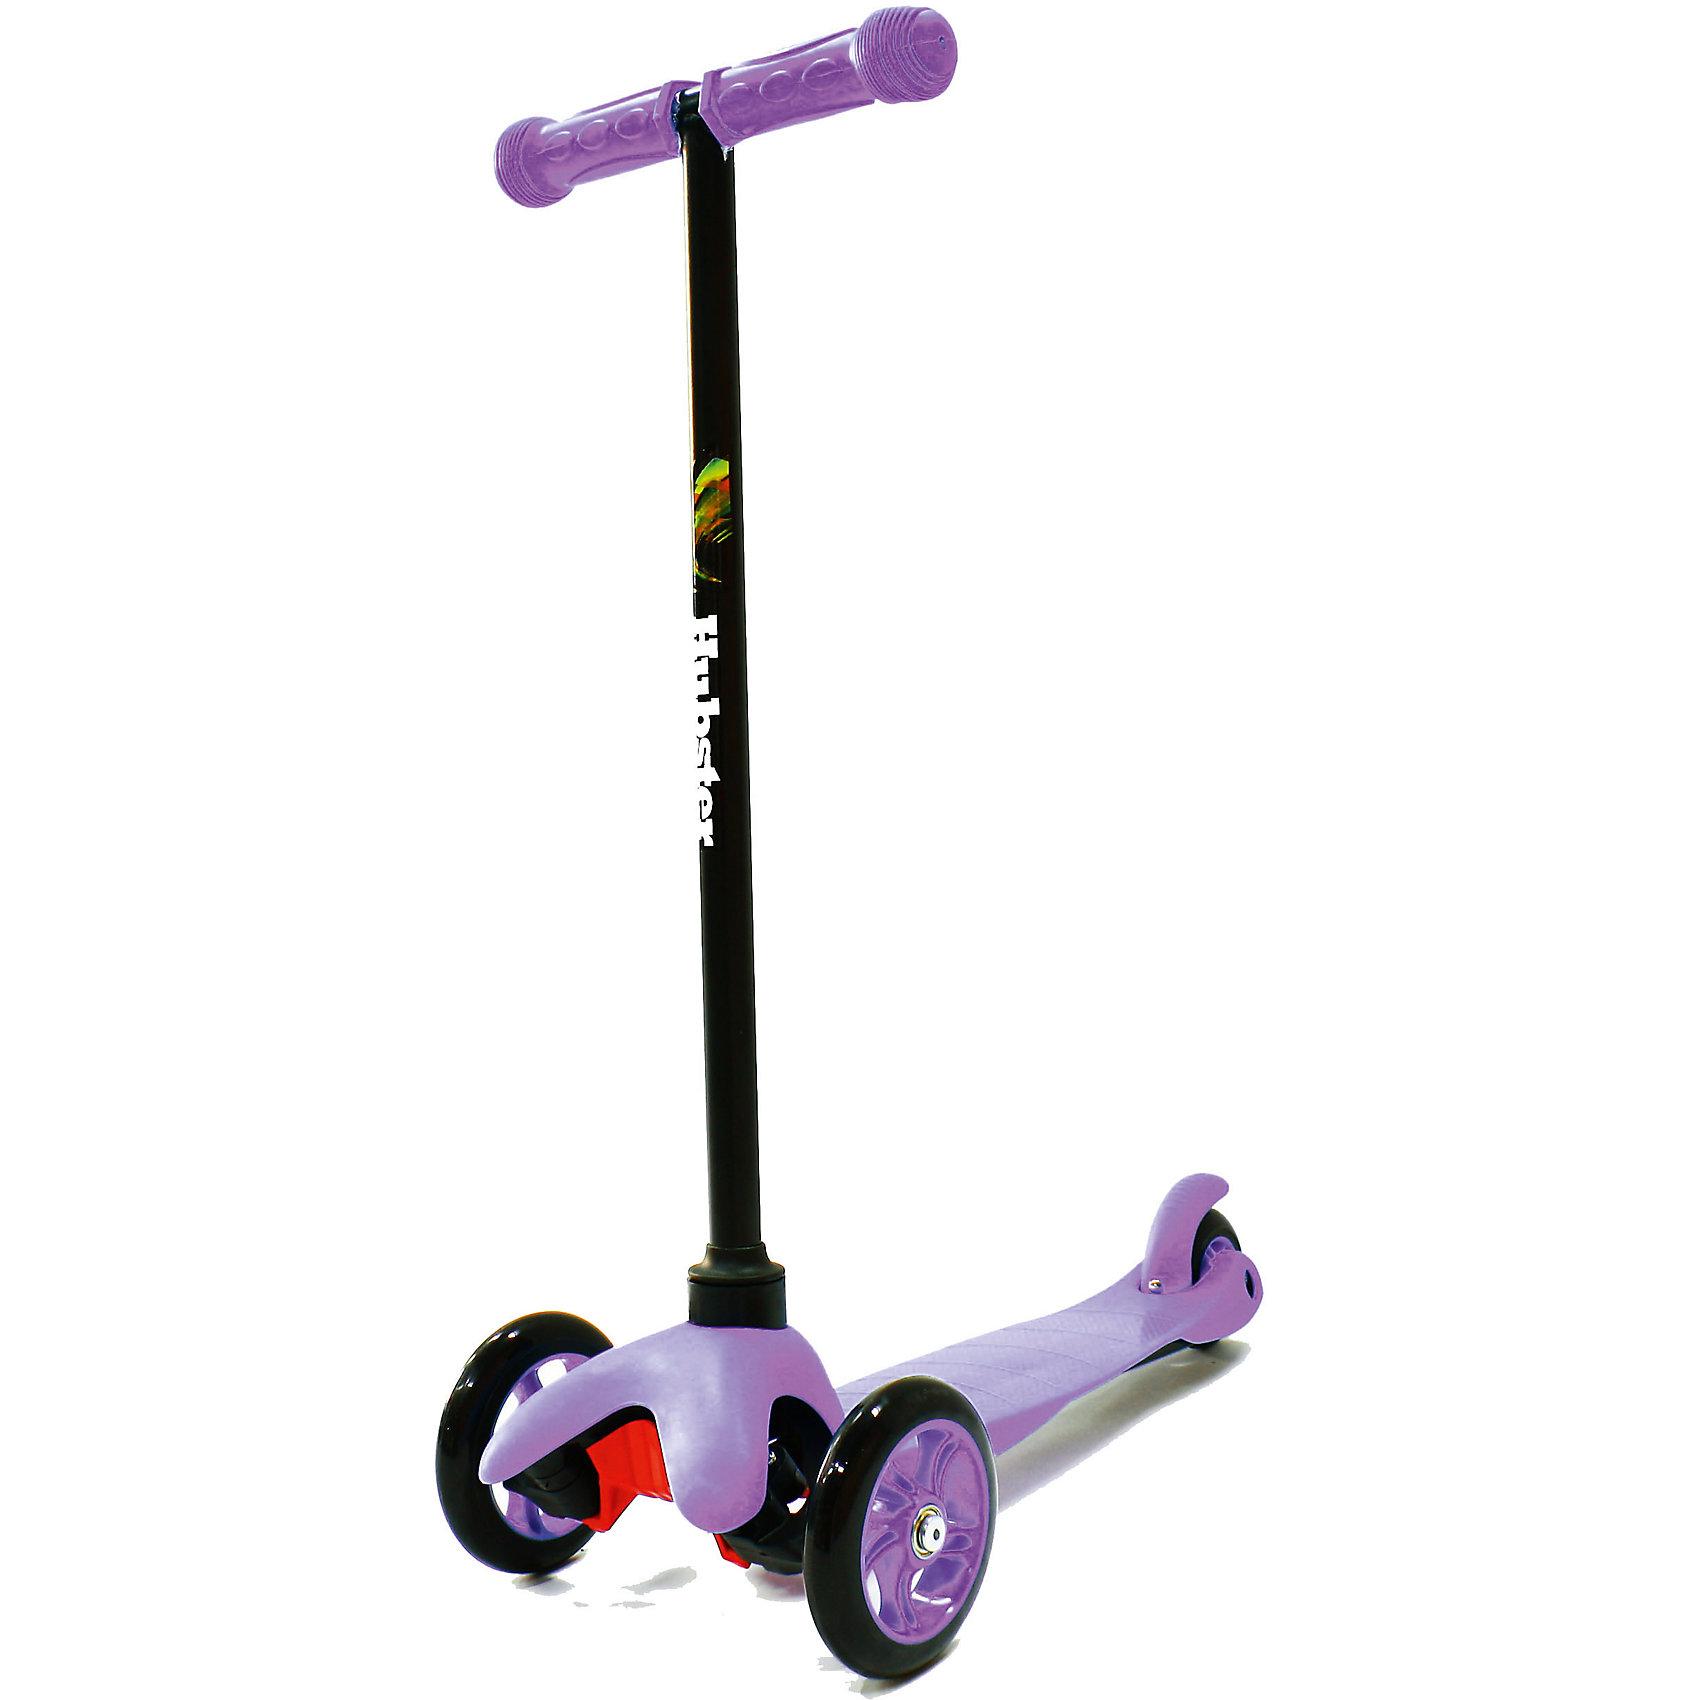 Самокат Hubster Mini,  фиолетовыйСамокаты<br>Материл: алюминий, пластик. Макс.нагрузка: 30кг <br>Высота руля: Max 63 см.                                                                                  Тормоза задние-наступающий (step-on brake)                                                                                                                Полиуретановые литые колёса жёсткостью 82А.                  Размер колес: 125мм, 80мм. Подшипник:АВЕС-5                          Лёгкая долговечная система складывания, прорезиненные ручки<br><br>Ширина мм: 590<br>Глубина мм: 280<br>Высота мм: 150<br>Вес г: 1700<br>Возраст от месяцев: 24<br>Возраст до месяцев: 60<br>Пол: Унисекс<br>Возраст: Детский<br>SKU: 5518961